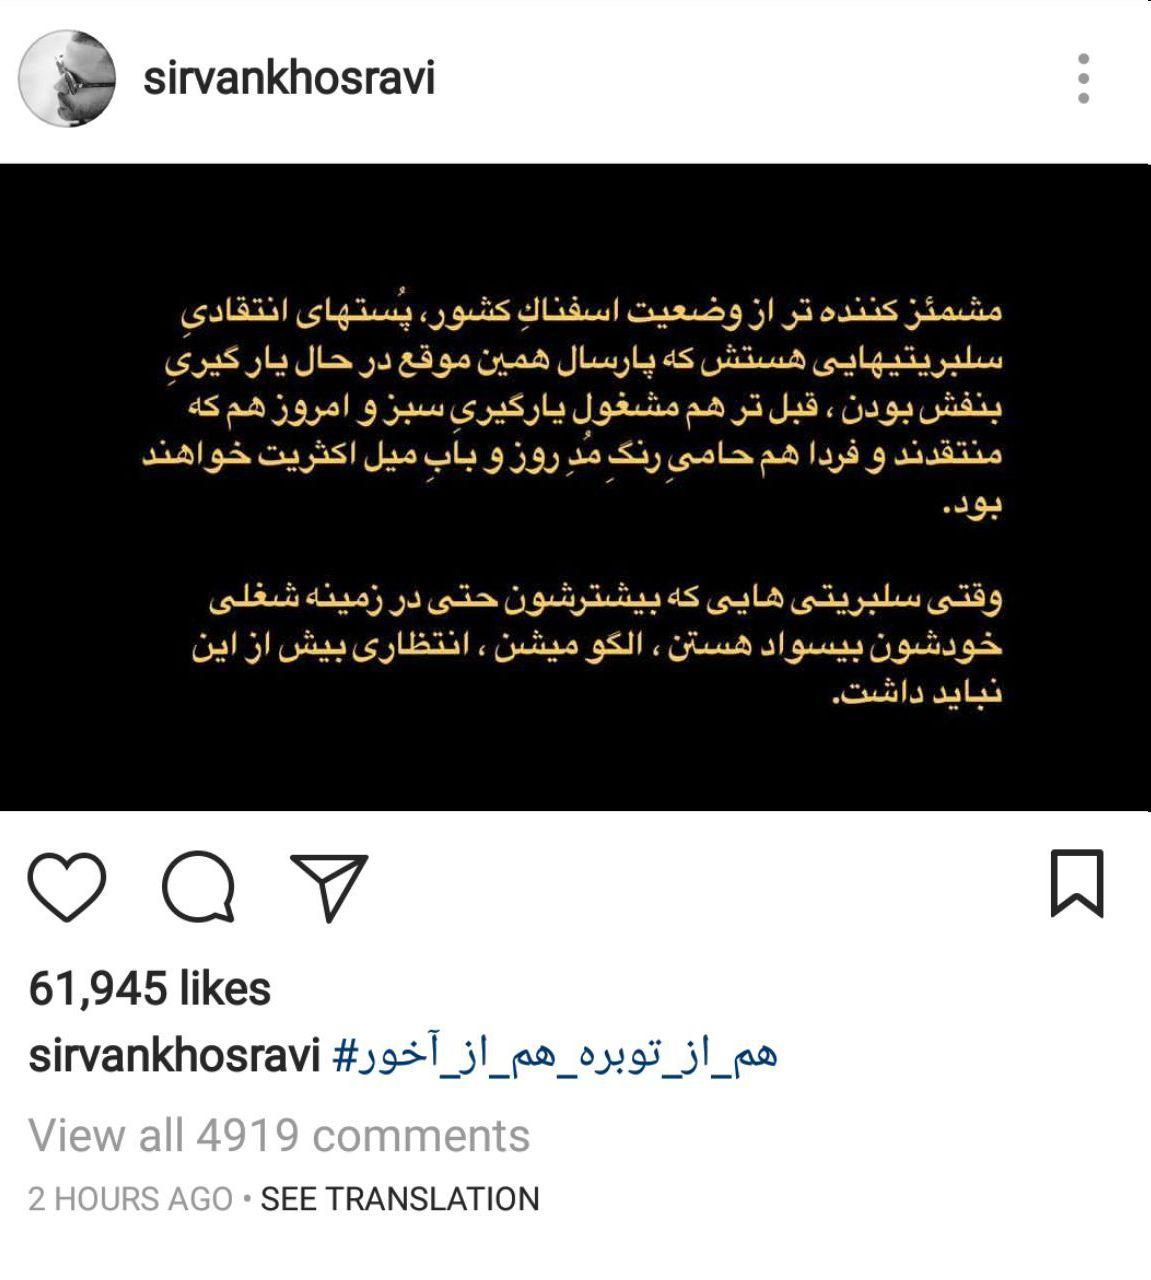 پست اینستاگرامی سیروان خسروی خطاب به سلبریتی های بی سواد